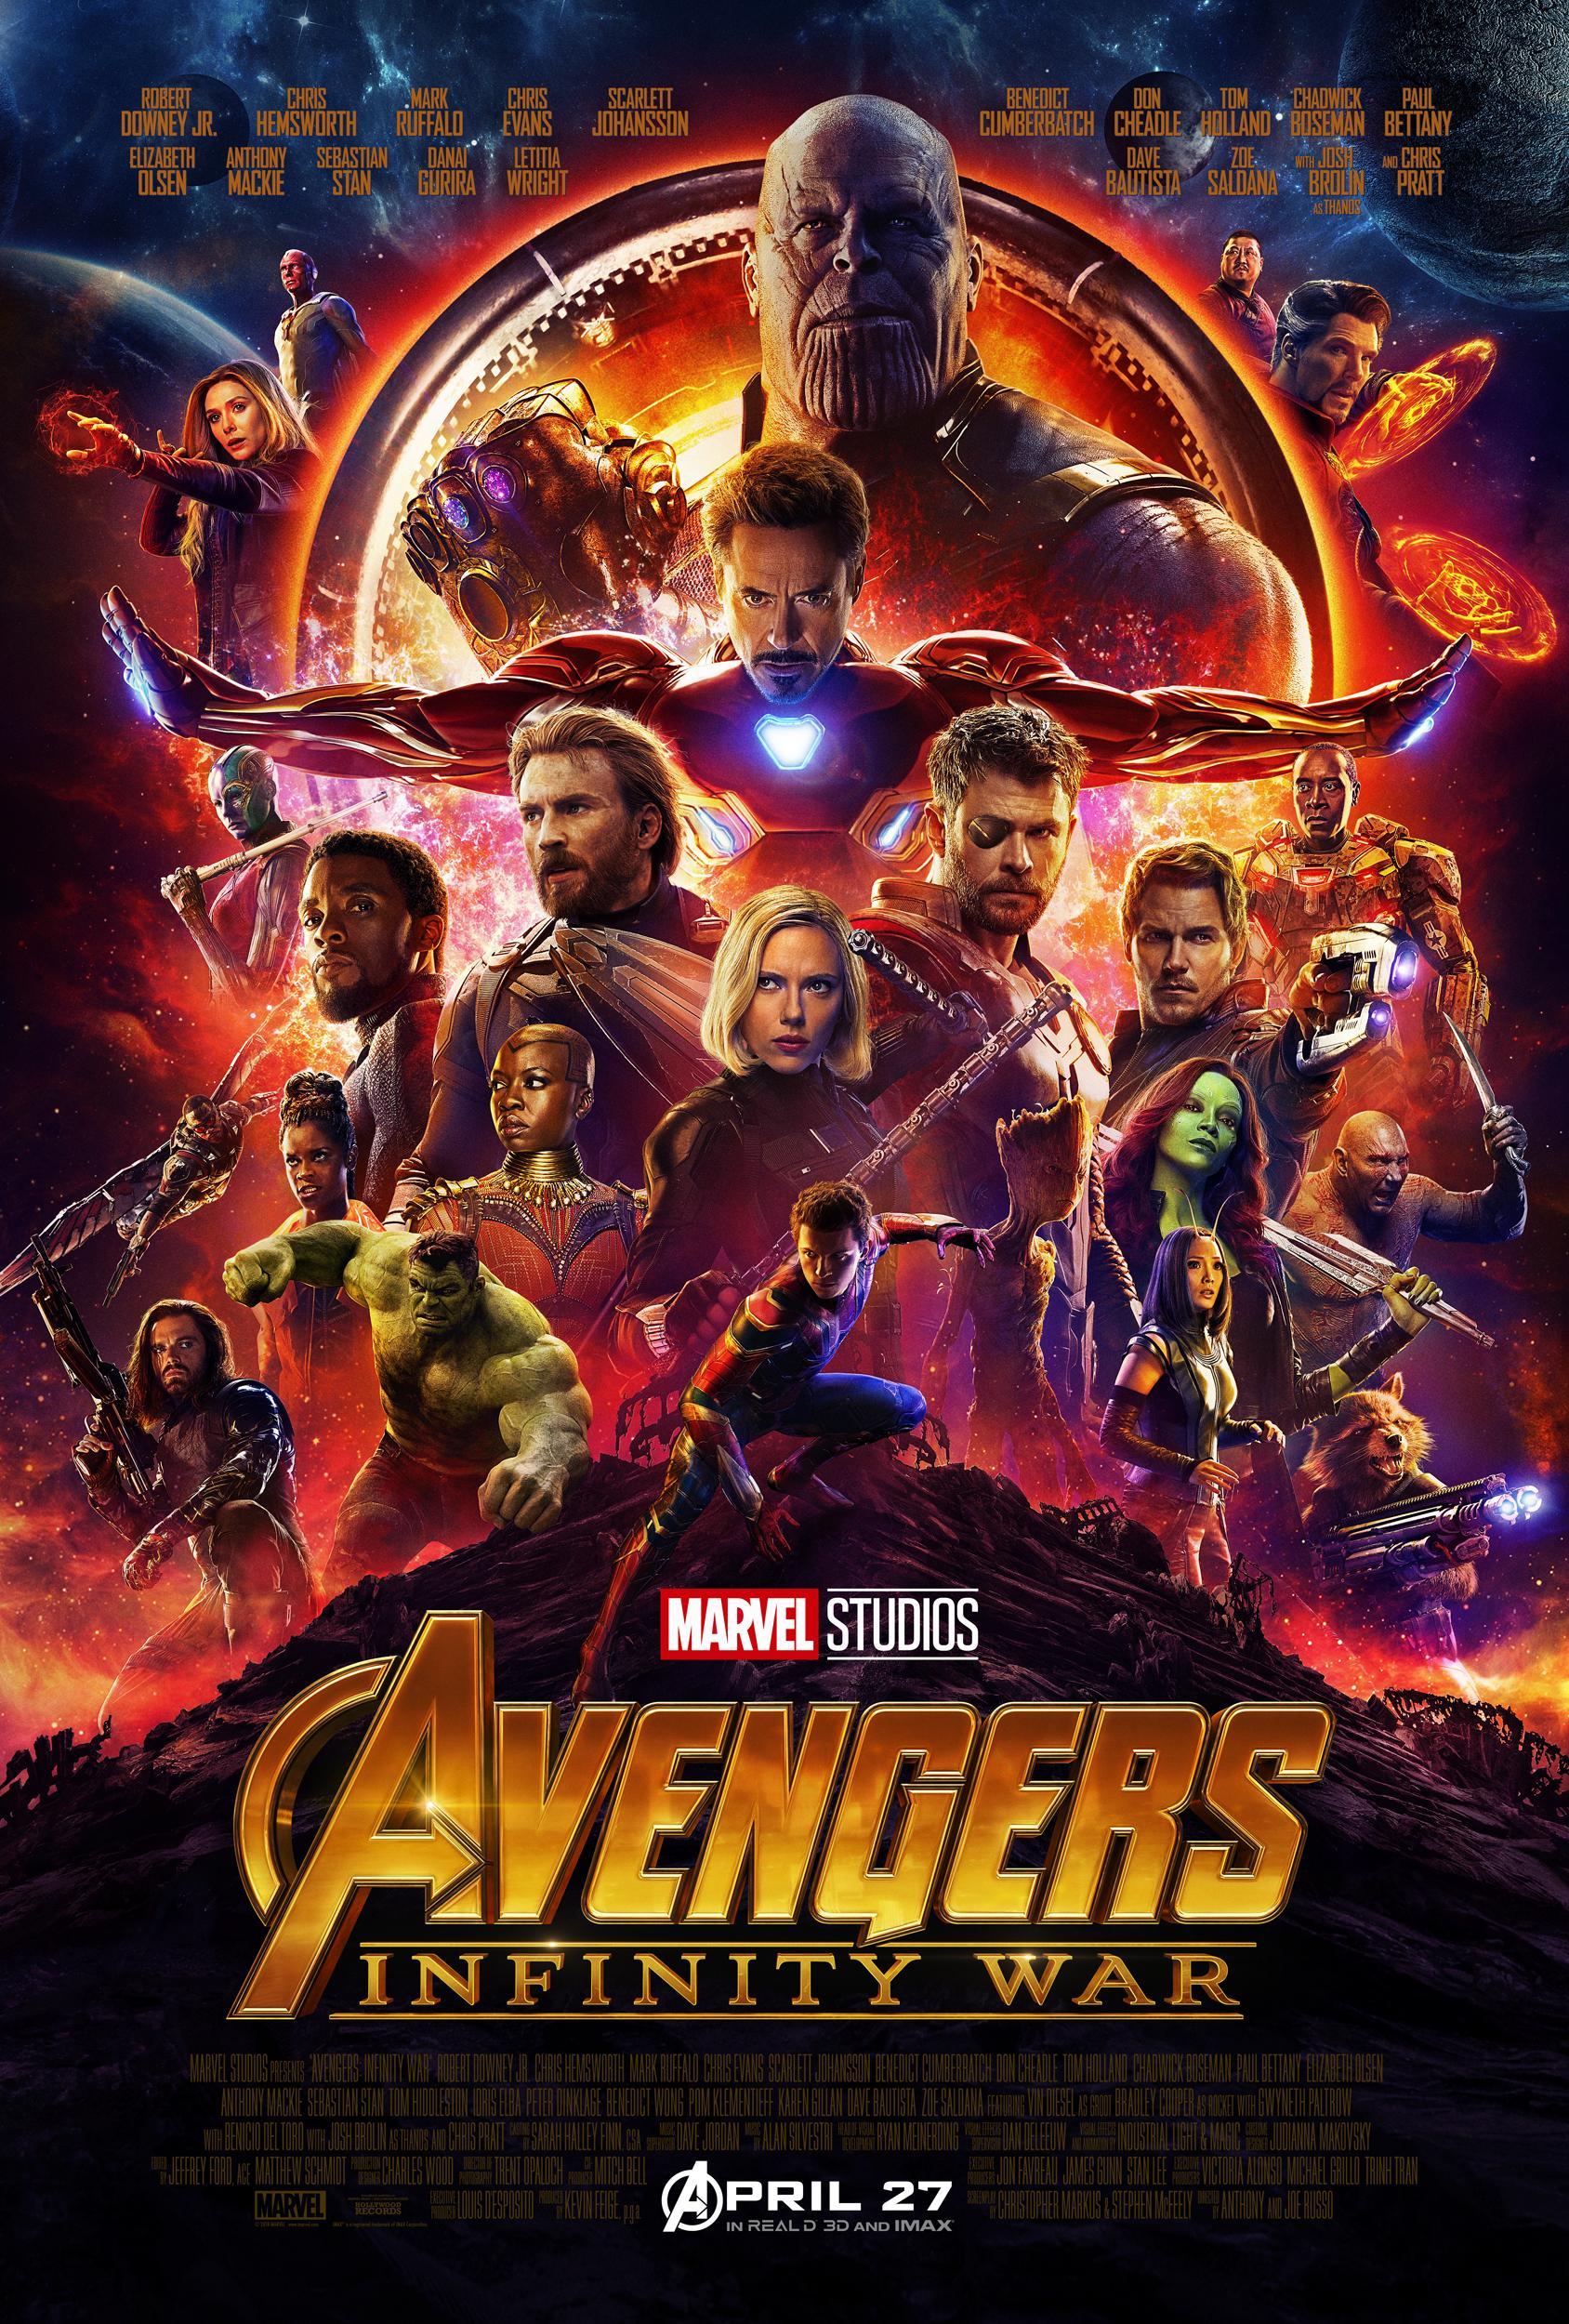 Avengers_Infinity_War_poster_002.jpg